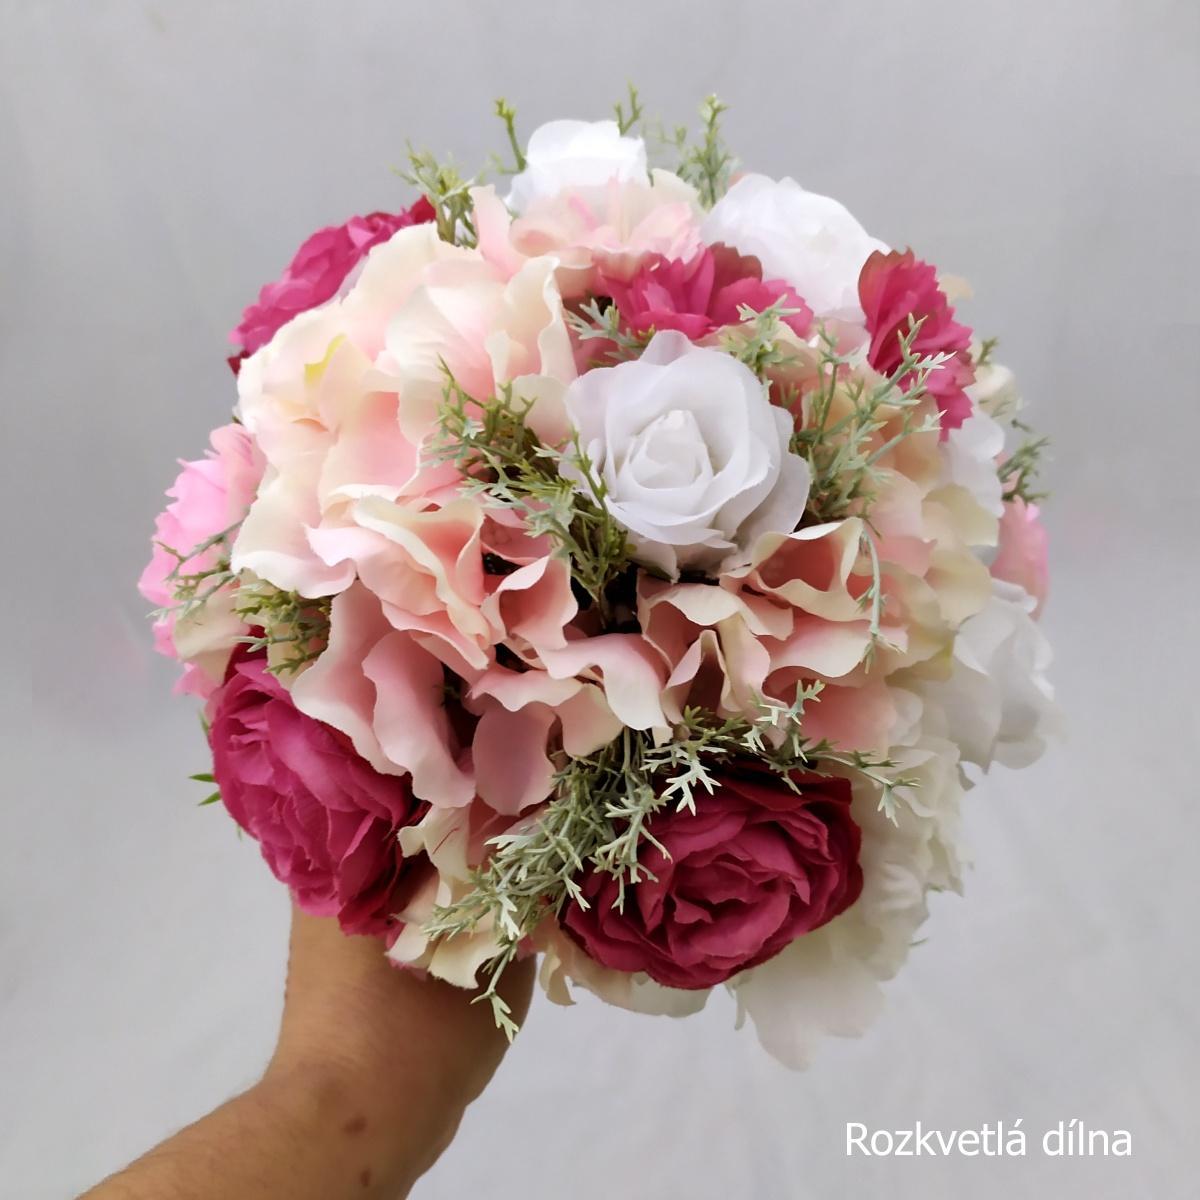 Látkové květiny z Rozkvetlé dílny - Obrázek č. 1